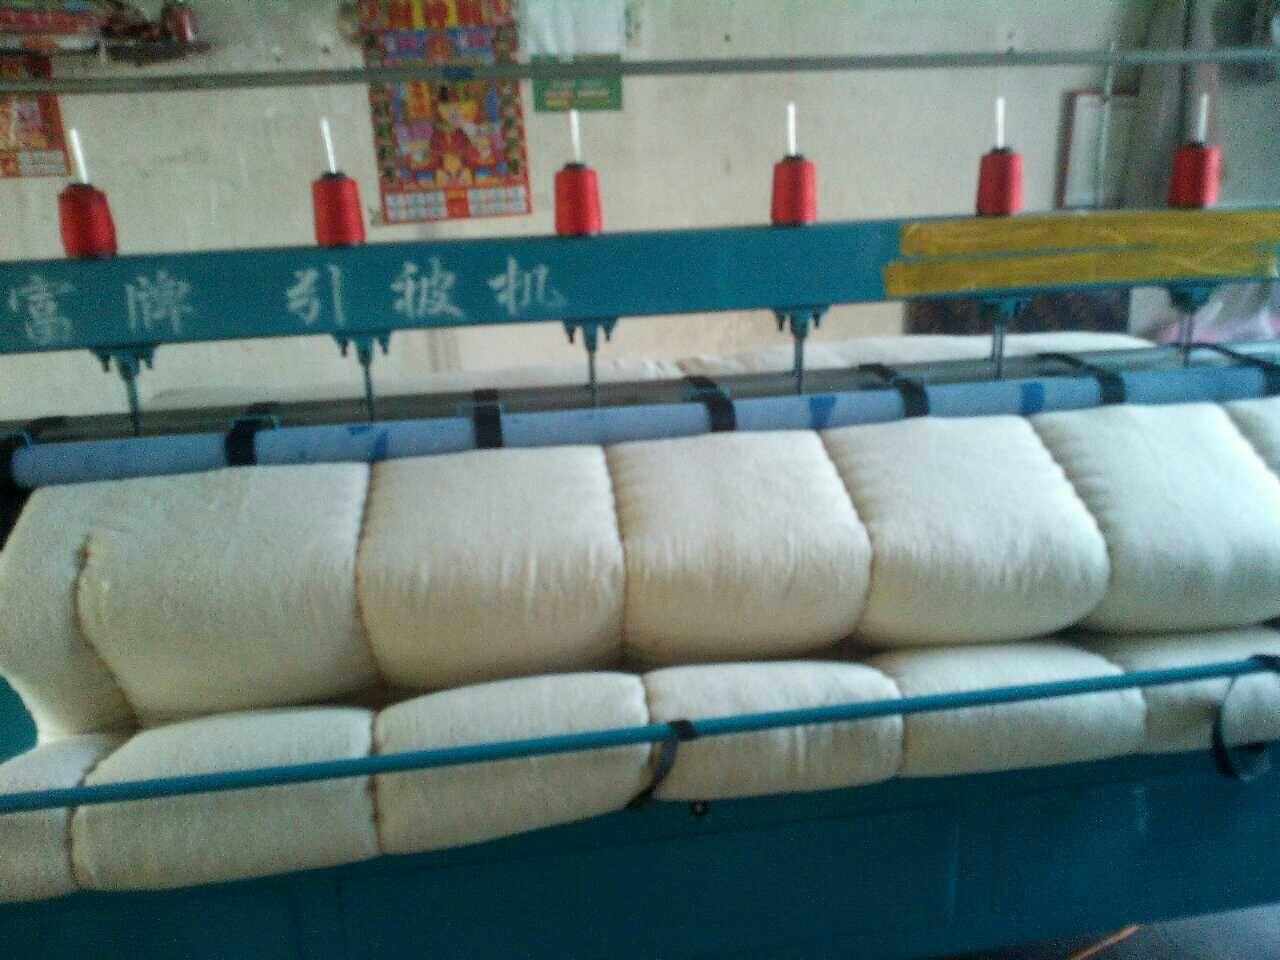 引被机生产销售 多针直线绗缝机棉被绗缝机无梭引被机价格自动引被机